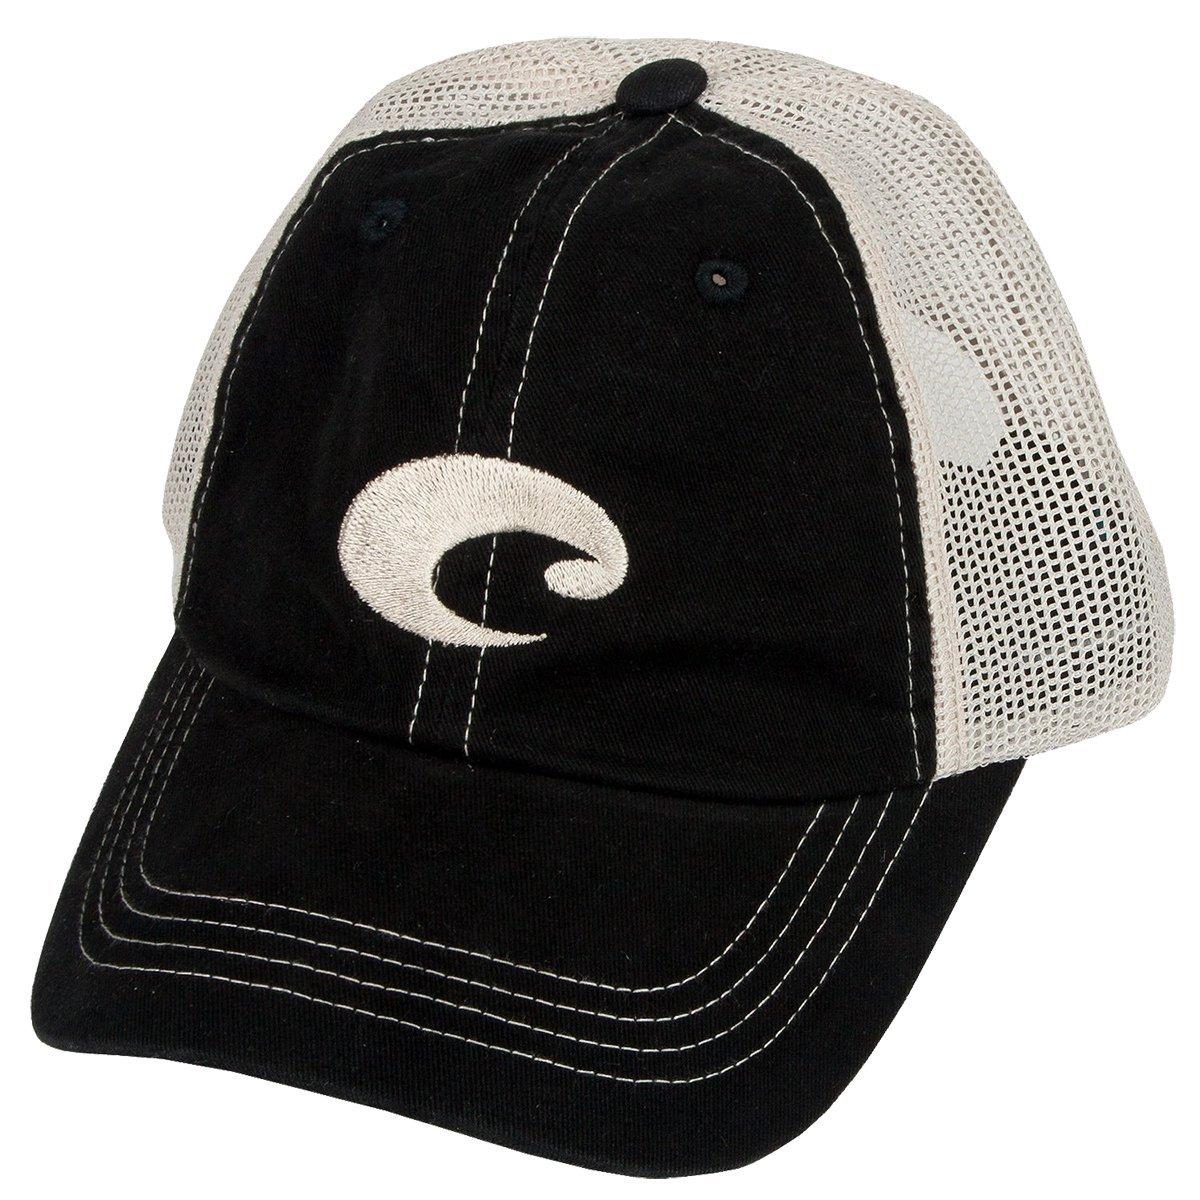 dcc40414da Costa Del Mar Mesh Hat